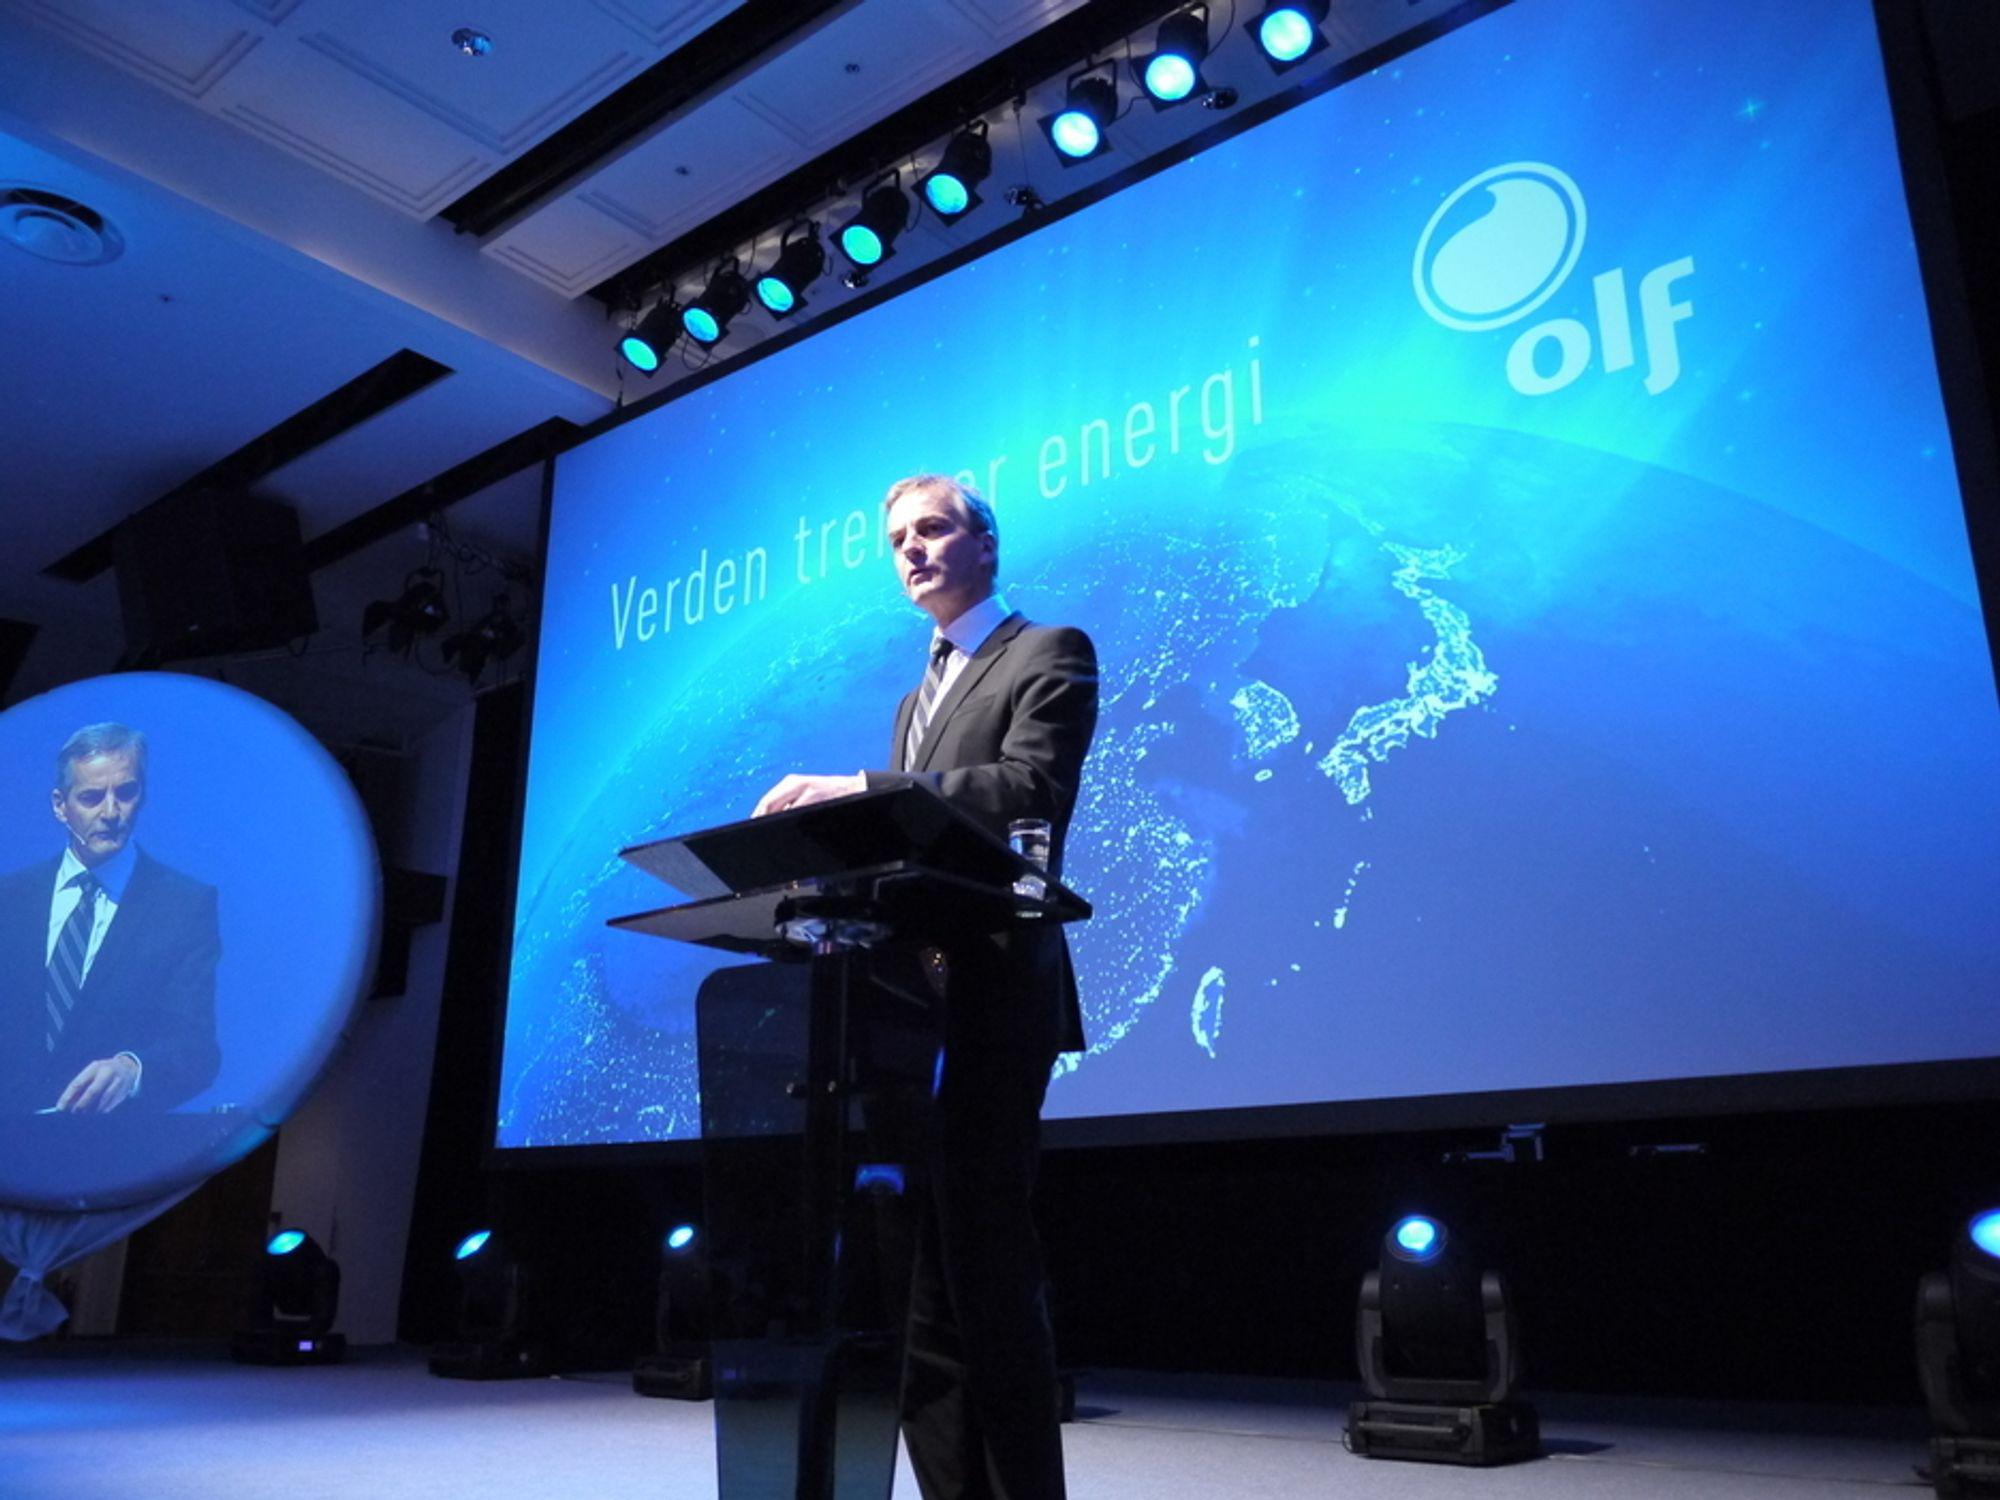 Utenriksministeren talte om gassens muligheter på OLFs årskonferanse.